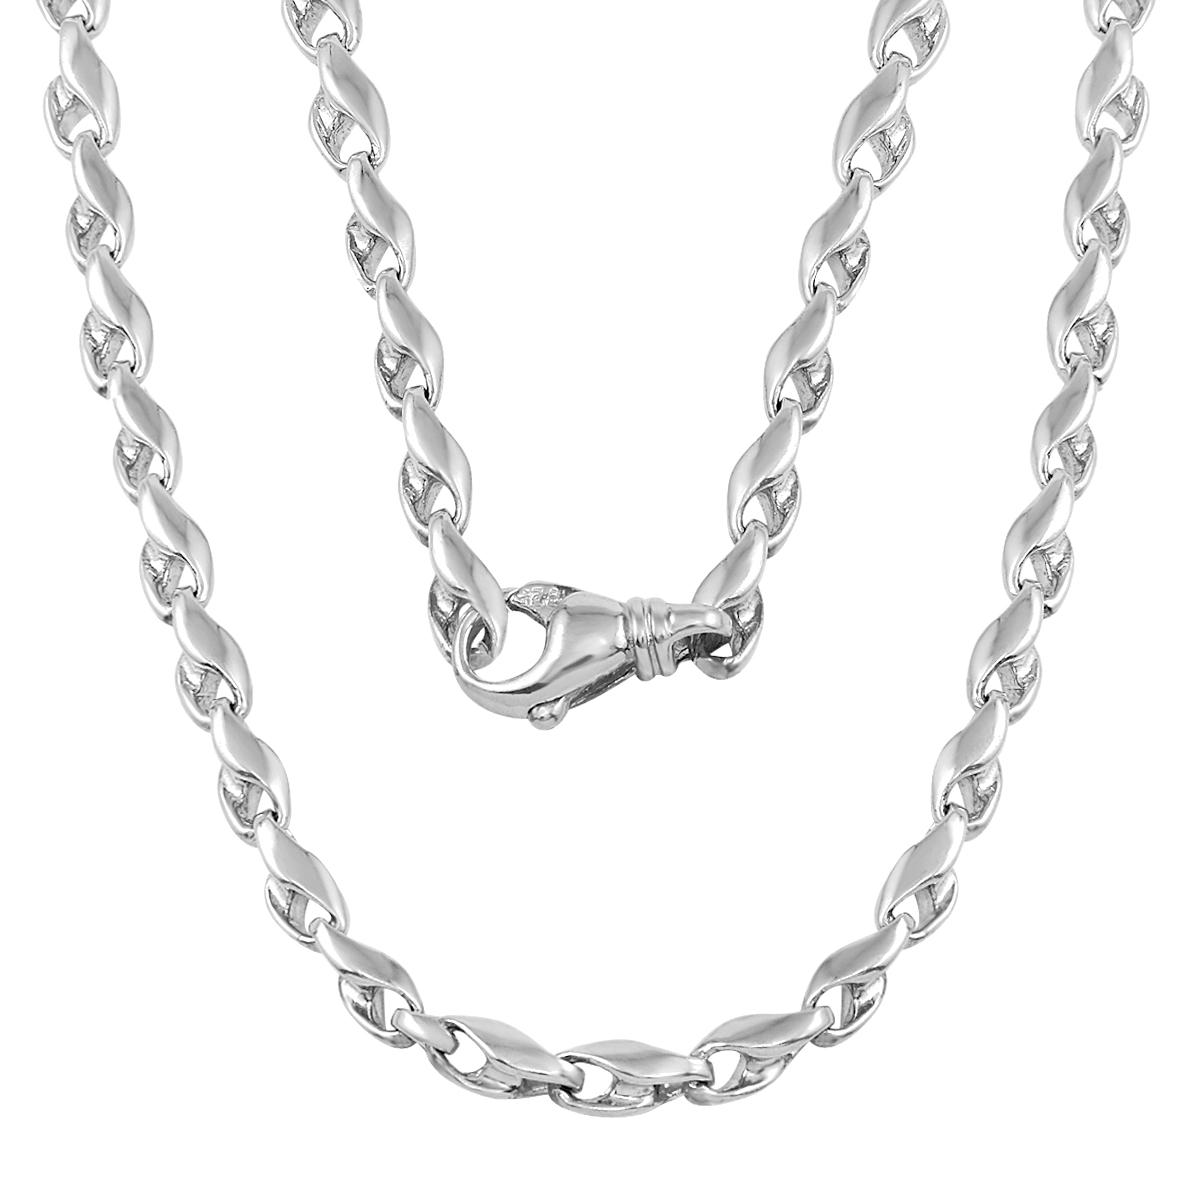 1200x1200 Gold Chain B129 Garo Jewelry